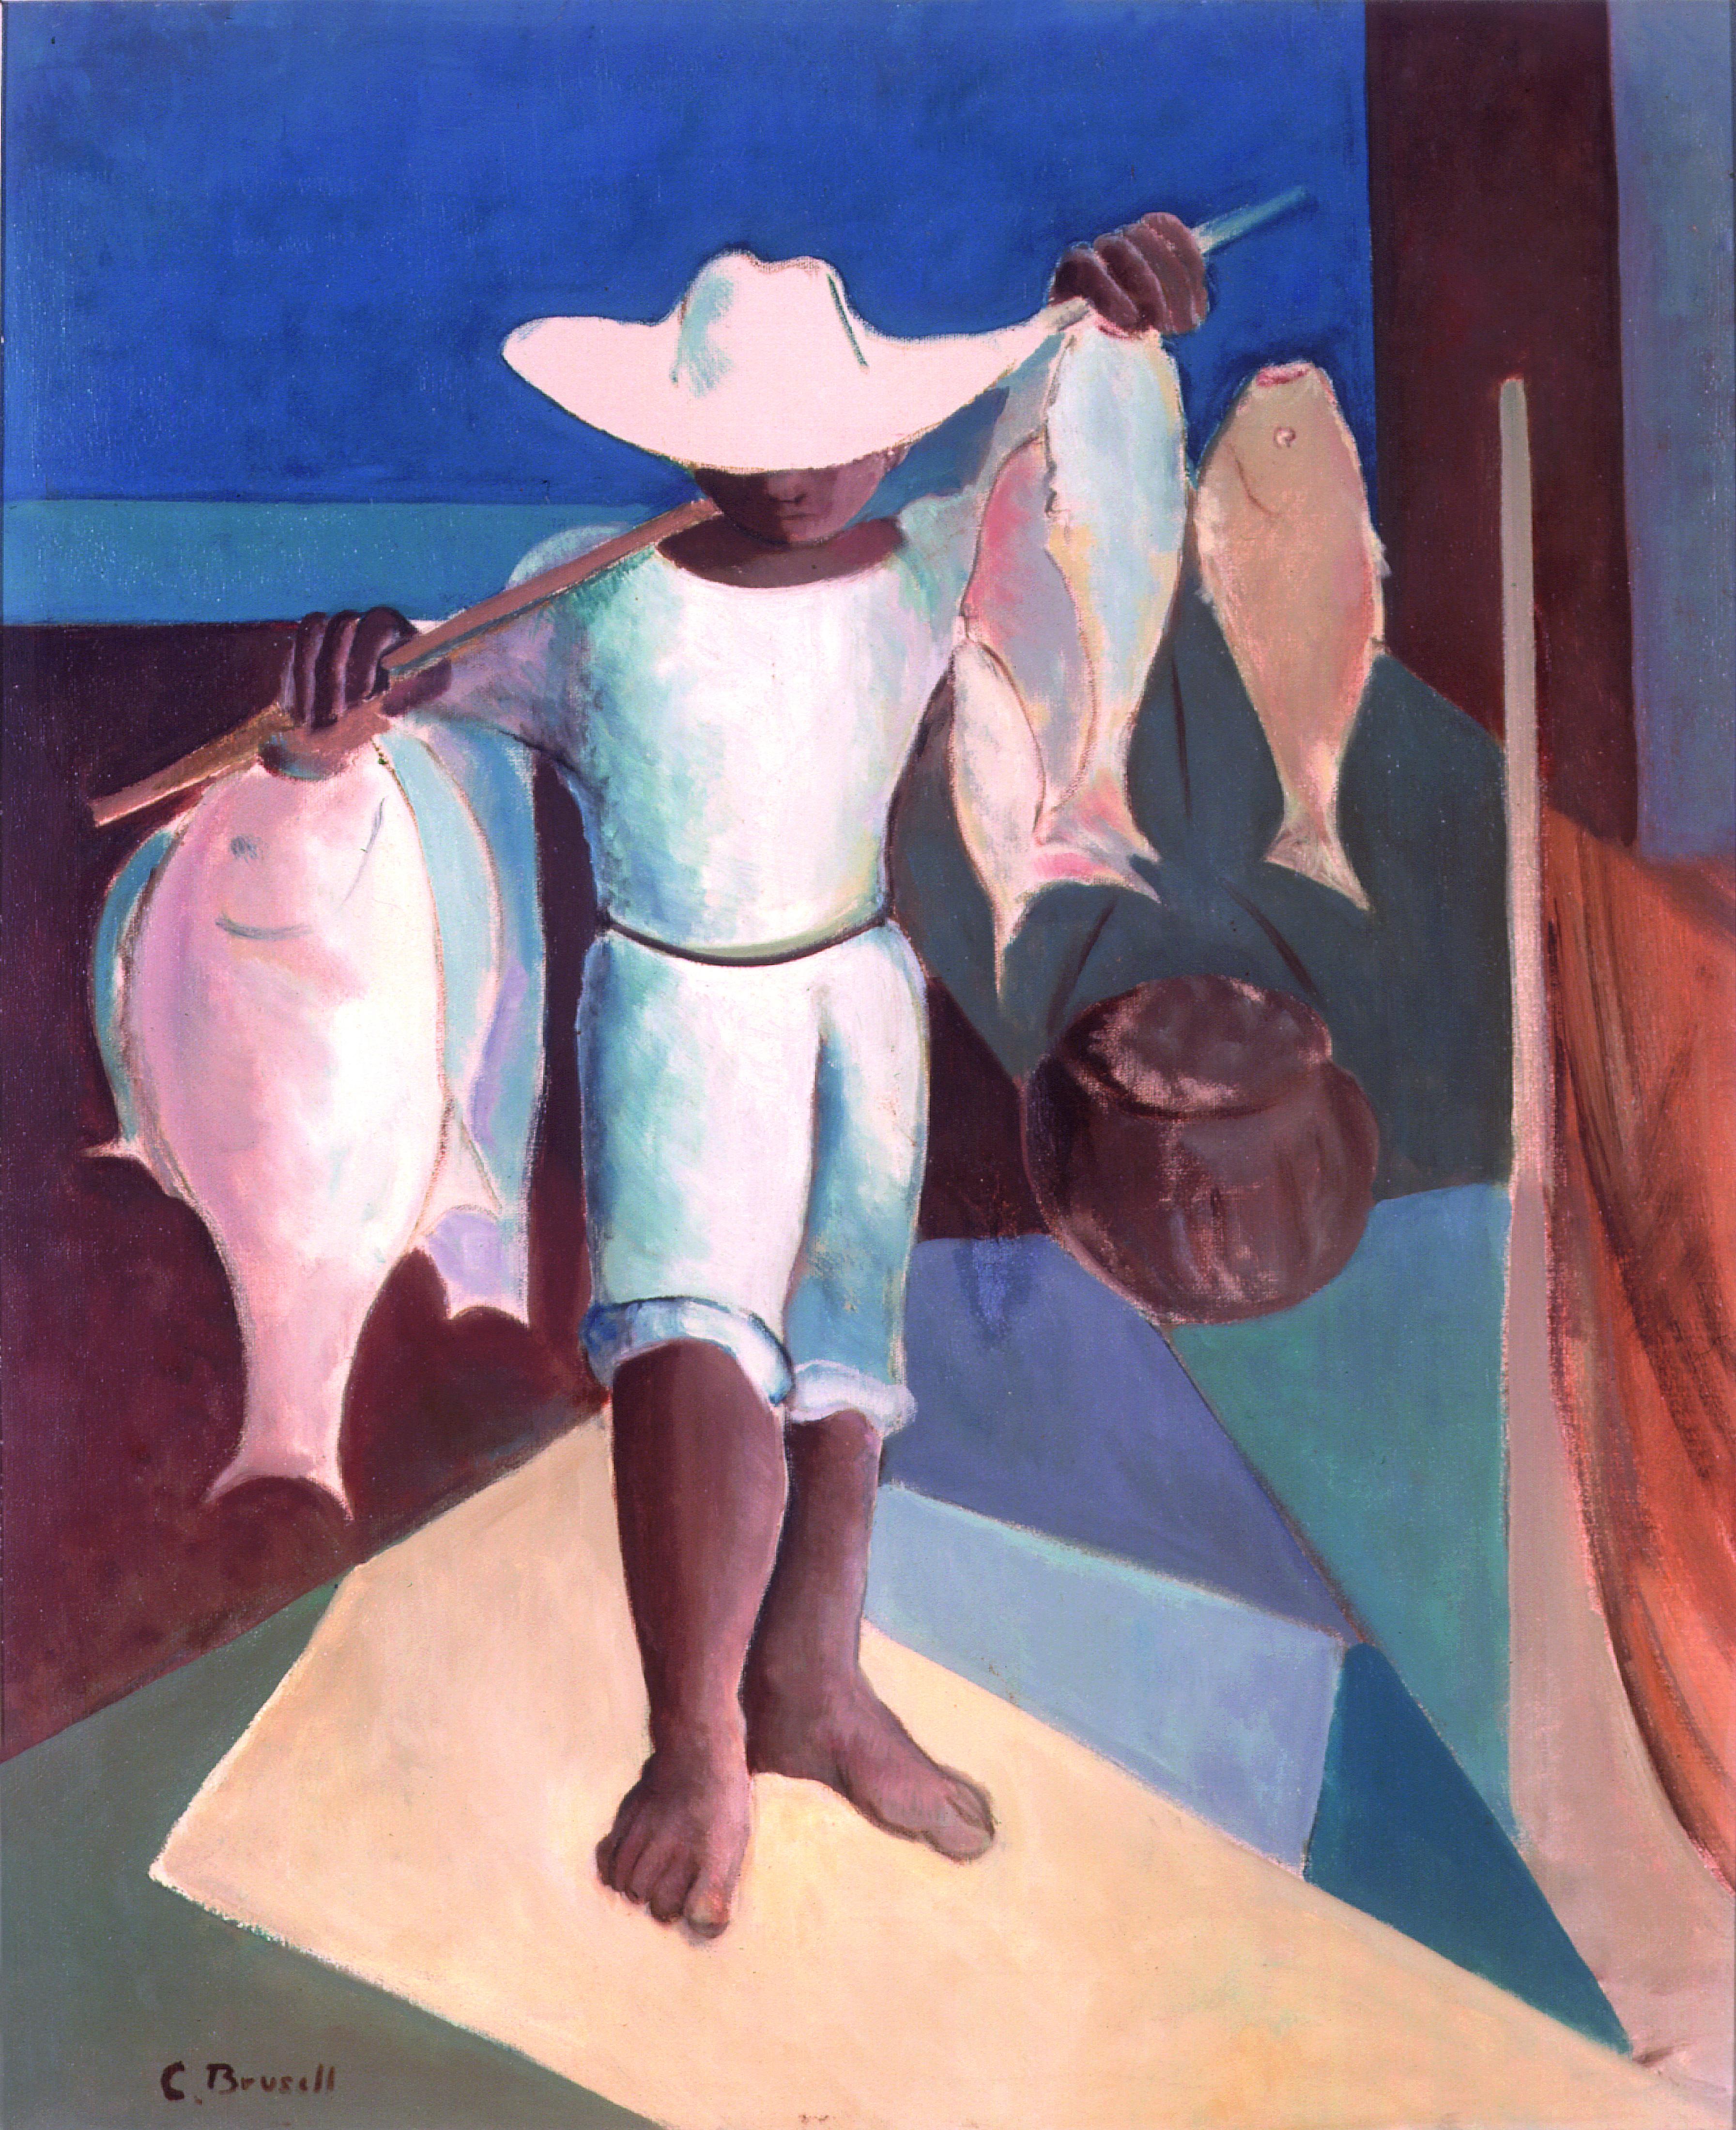 Bahia – ANO: 1979 – TÉCNICA: óleo sobre tela – DIMENSÕES: 0,74cm x 0,60cm Autor: C. Brusell Ano: 1979 Técnica: óleo sobre tela Dimensão: 74 cm x 60 cm